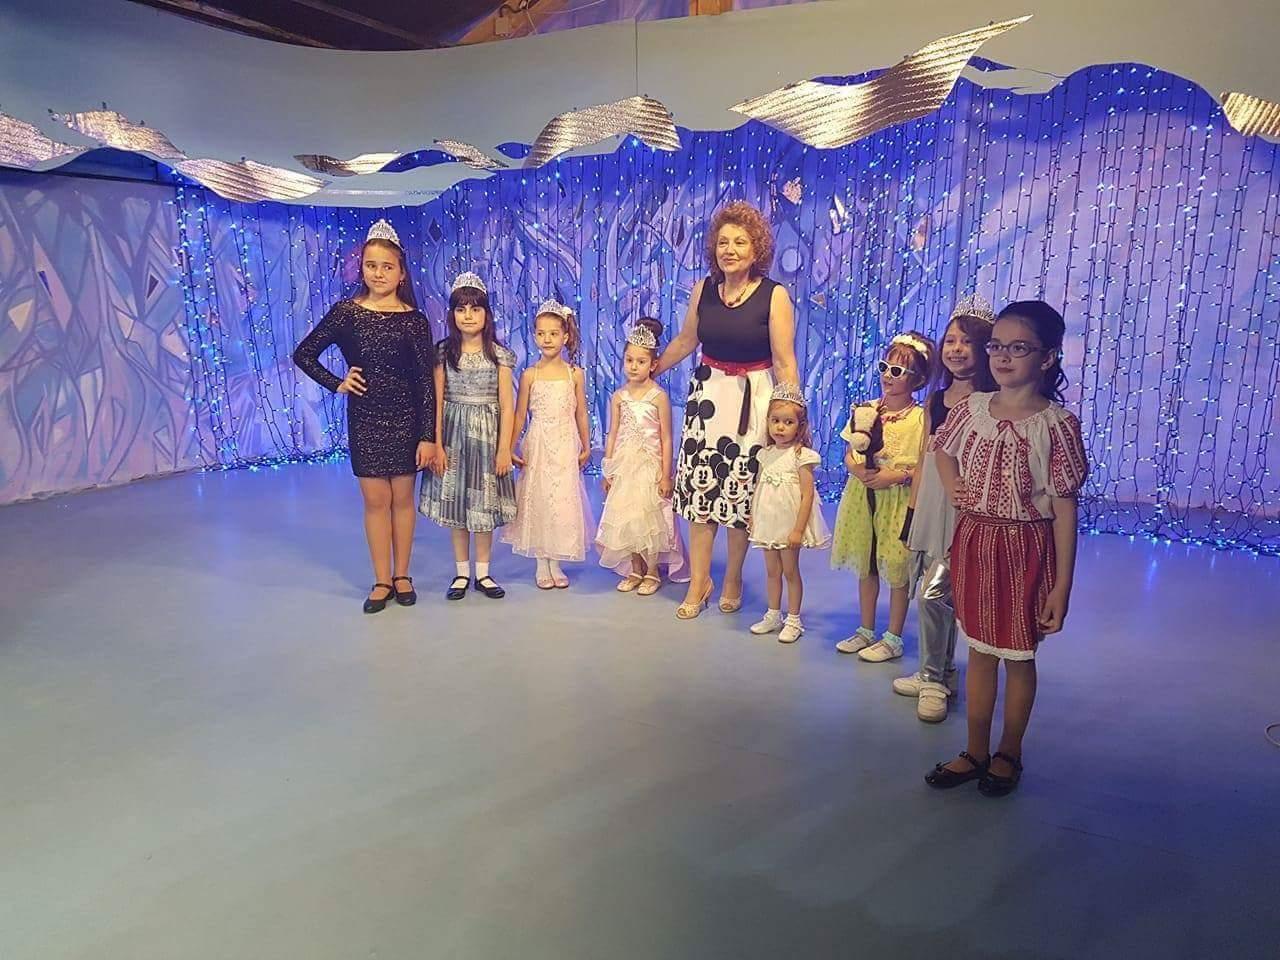 Modellingul, un curs pentru tinerele domnisoare din Bascov.Valeria Coman , un instructor dedicat modei si bunelor maniere